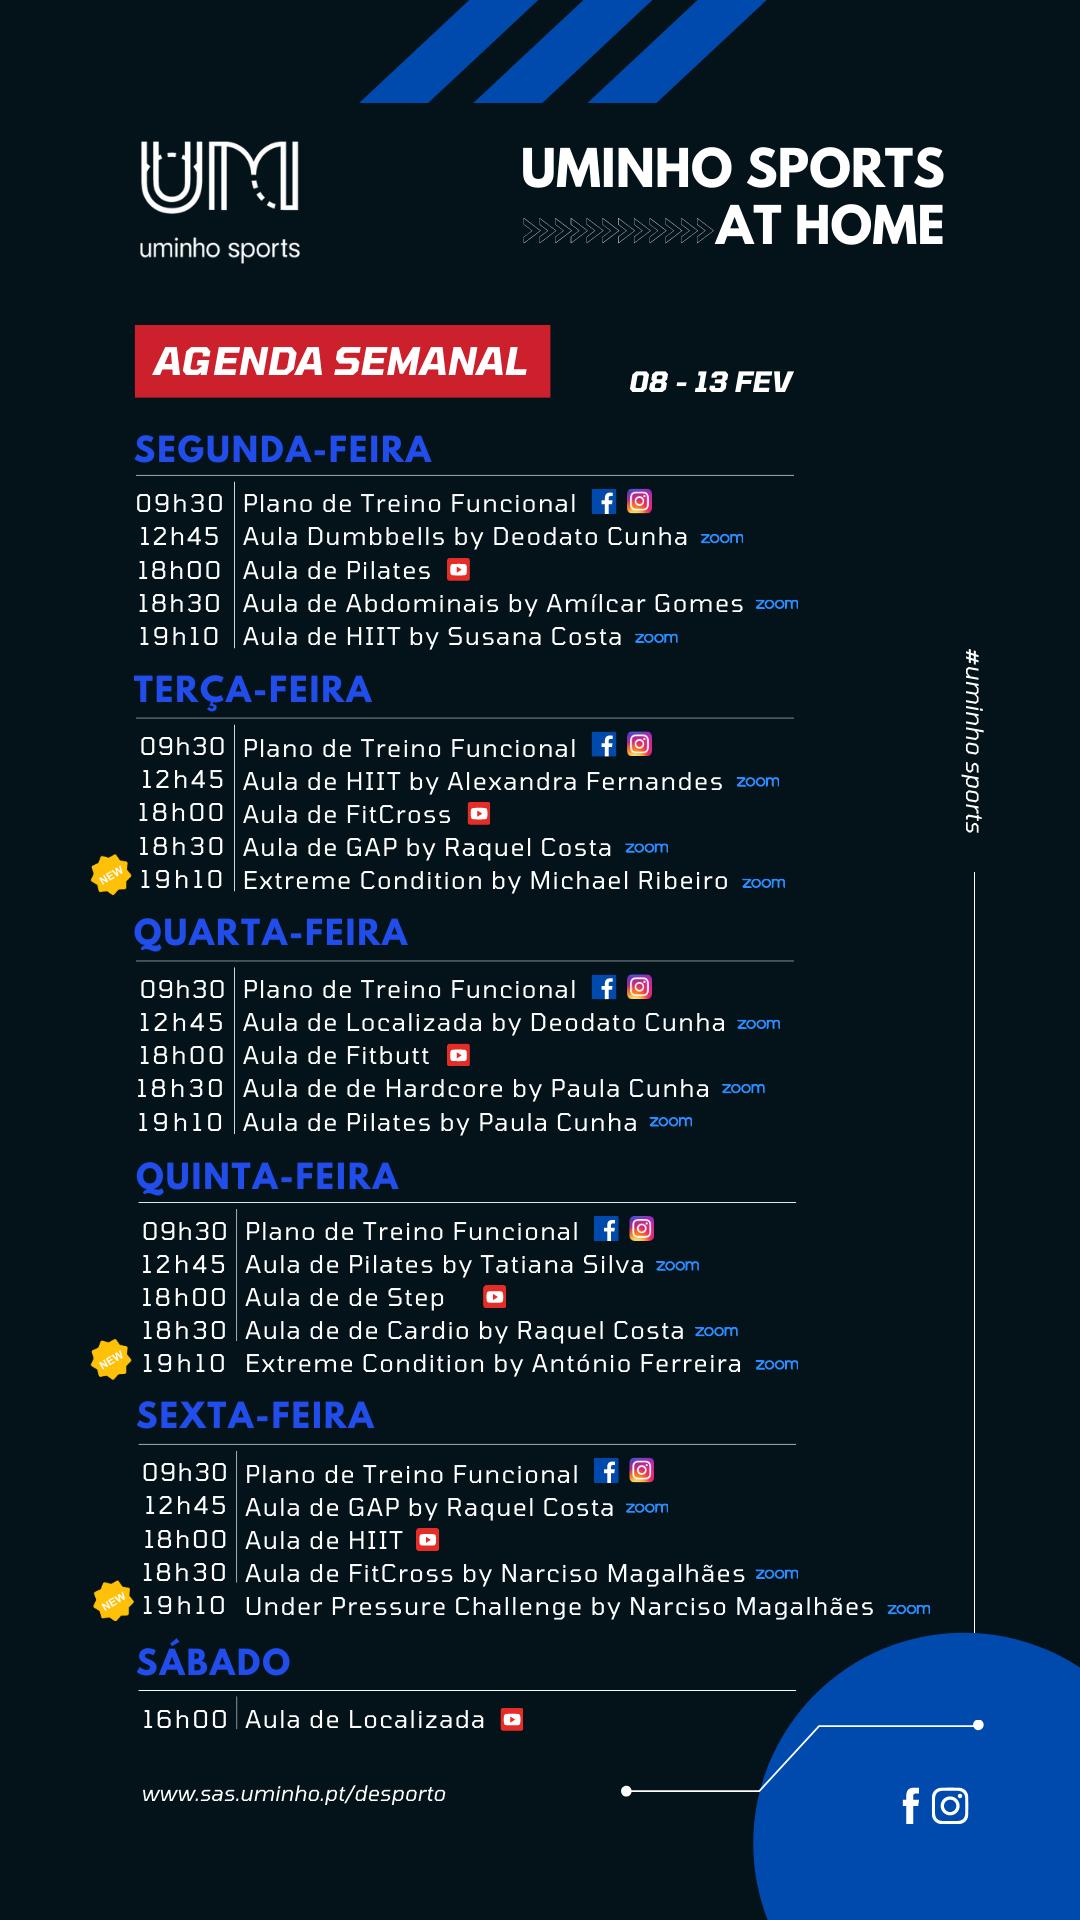 Agenda - 08 a 13 de fevereiro